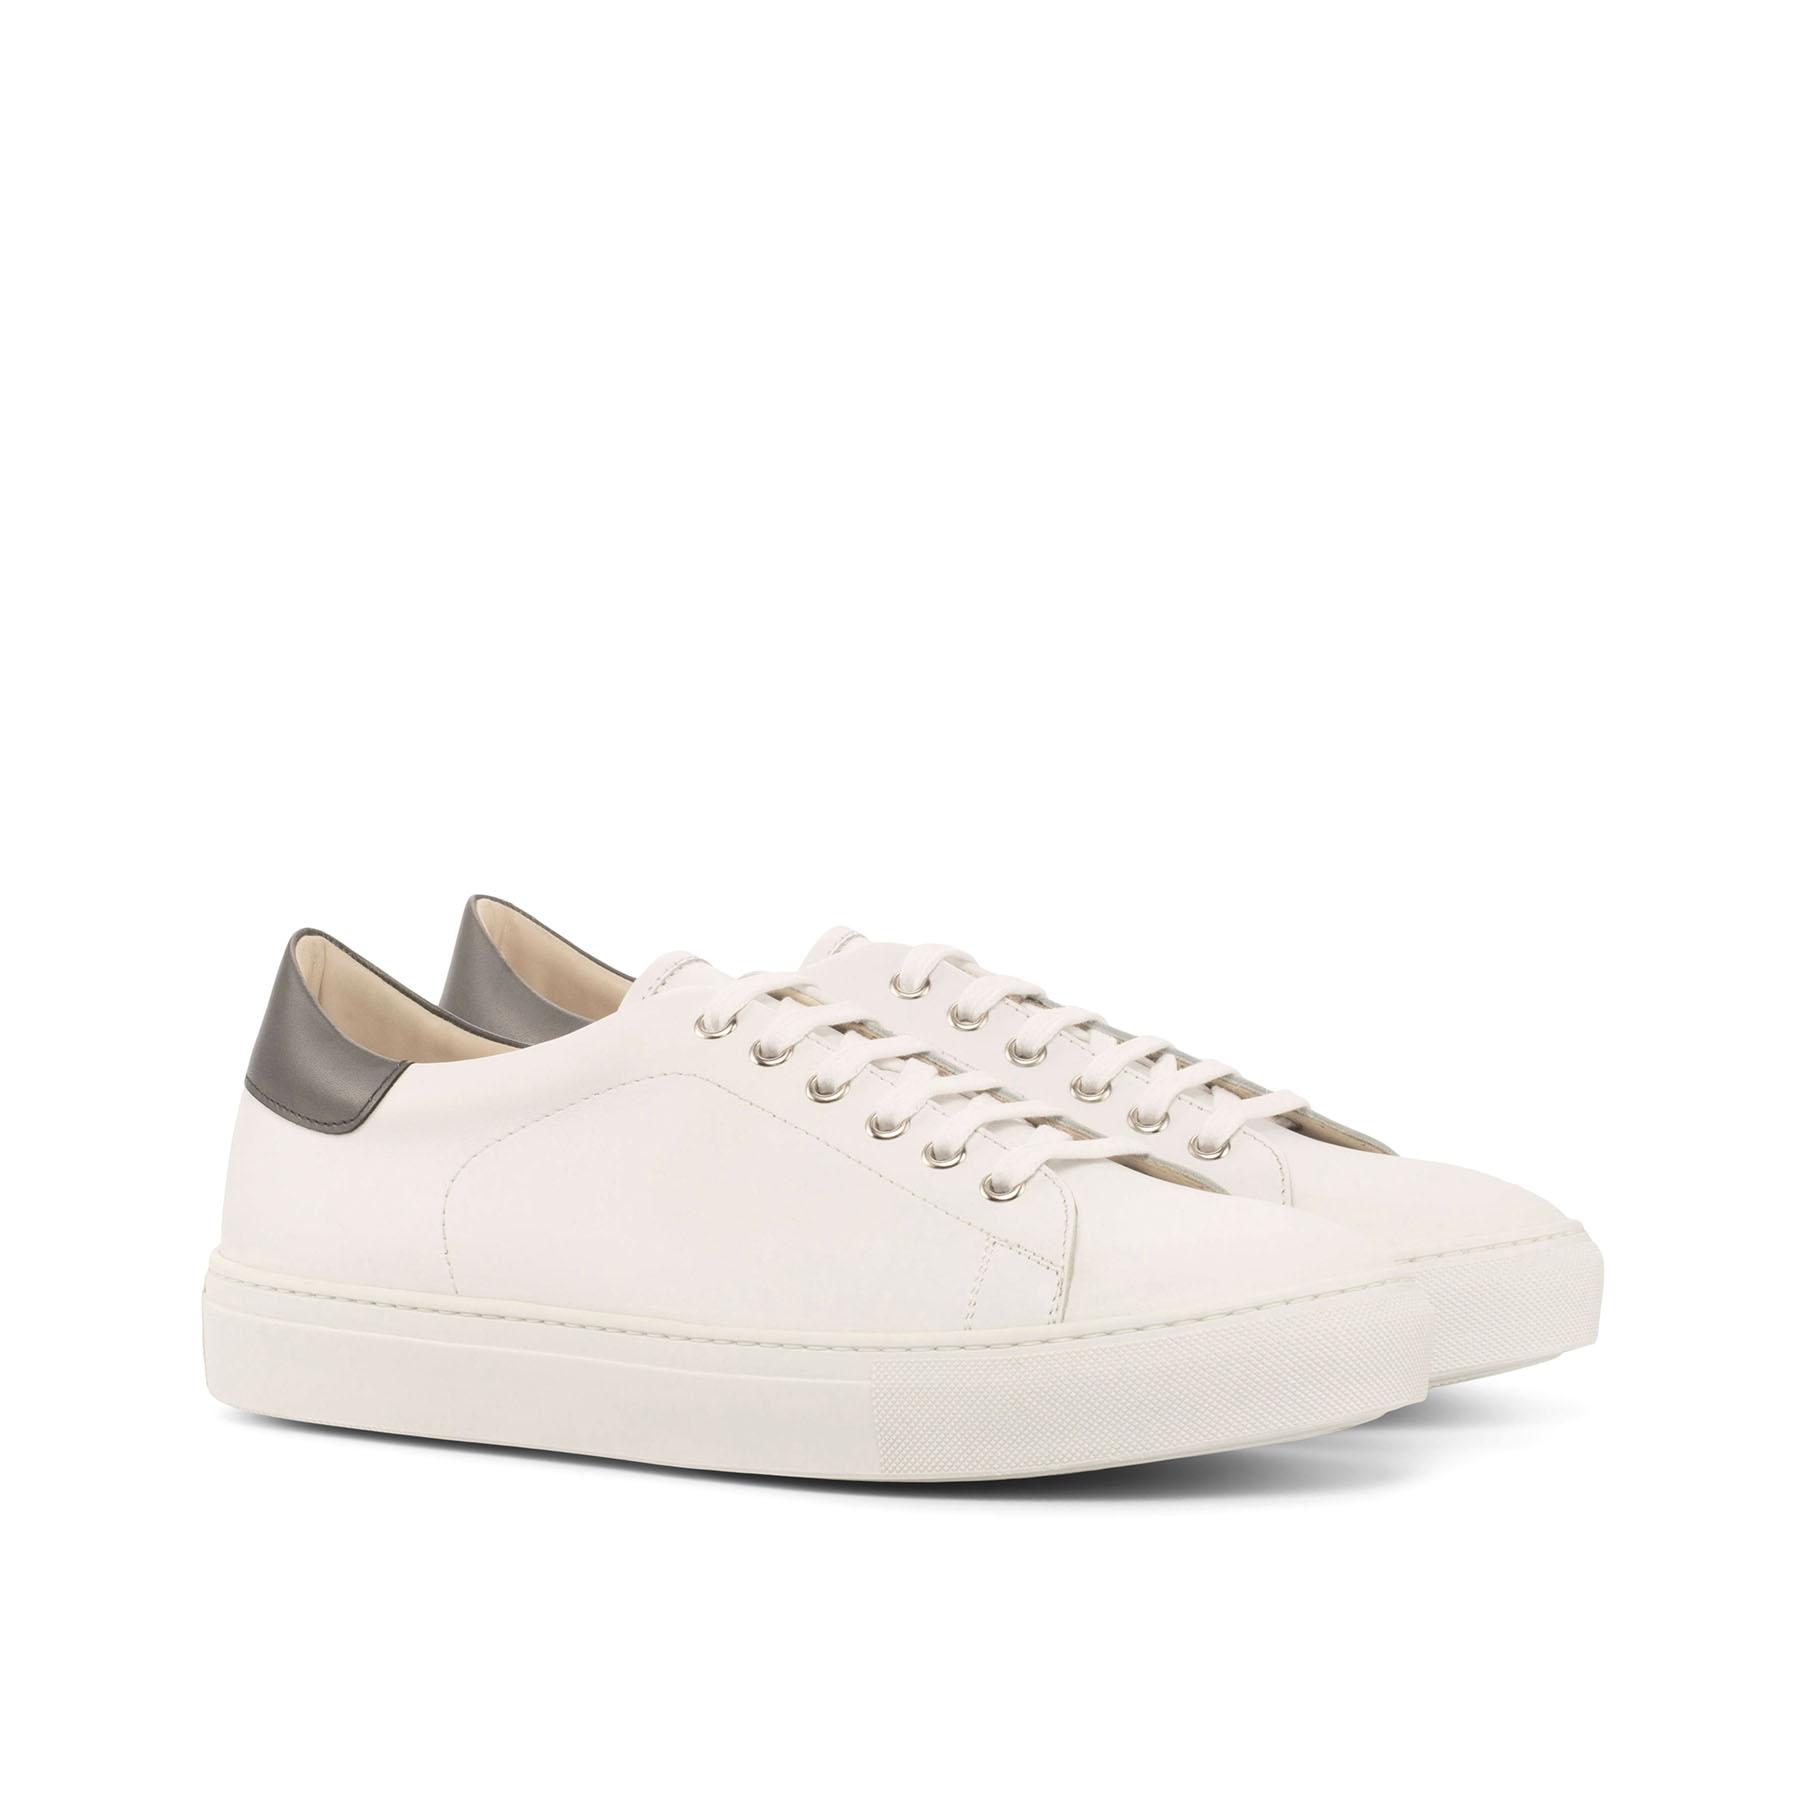 White & Grey Trainer